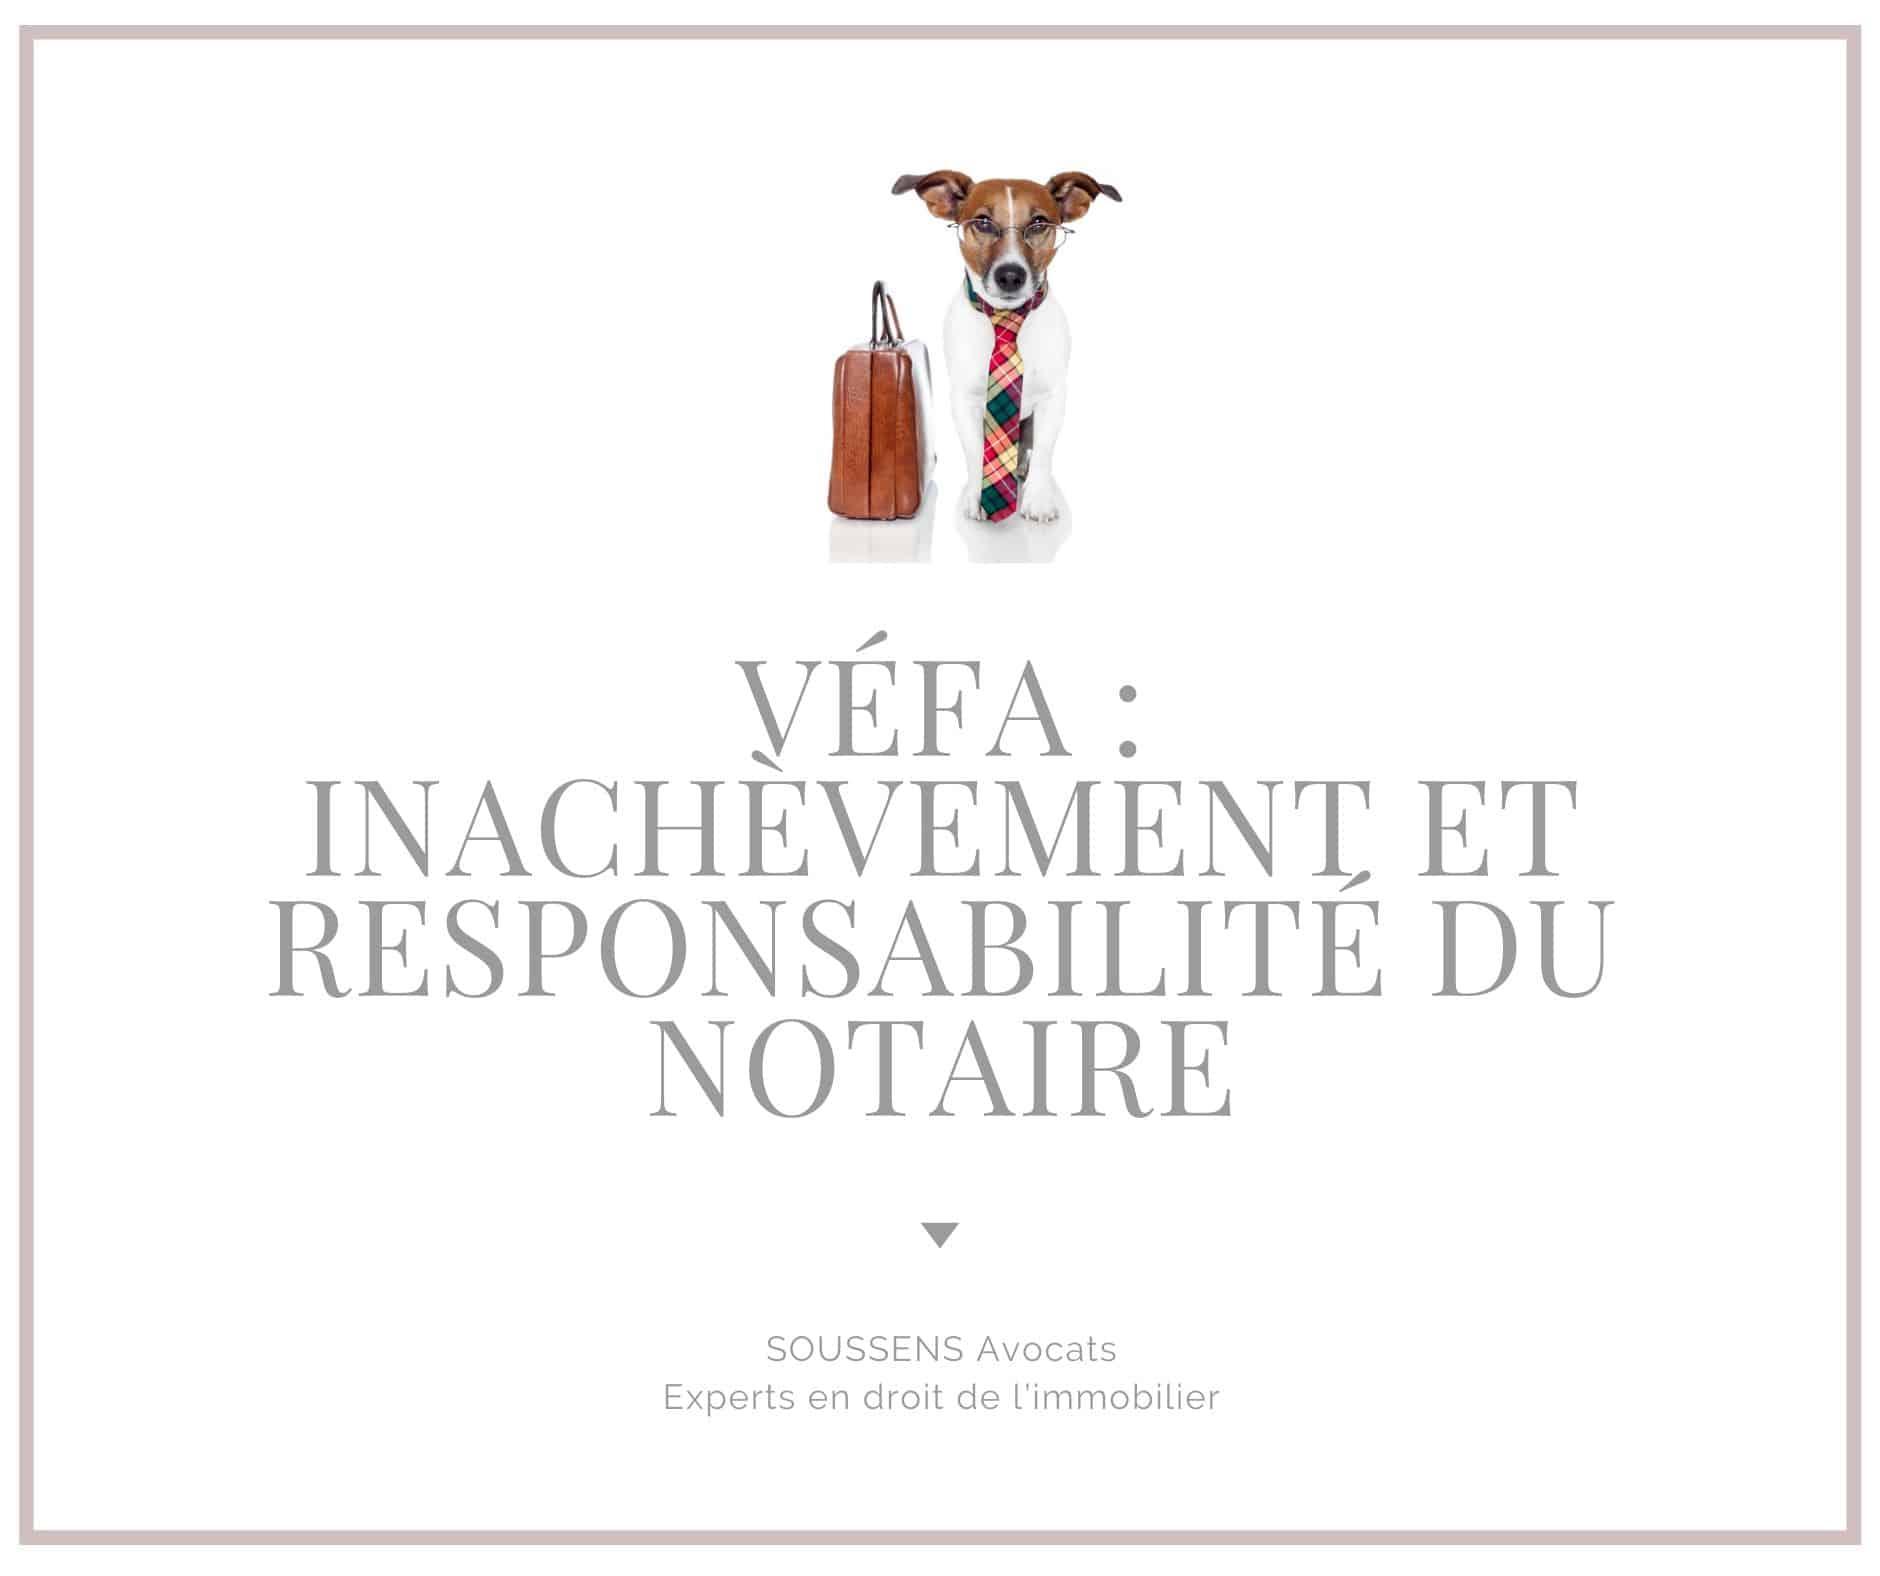 VEFA : Inachèvement et responsabilité du notaire